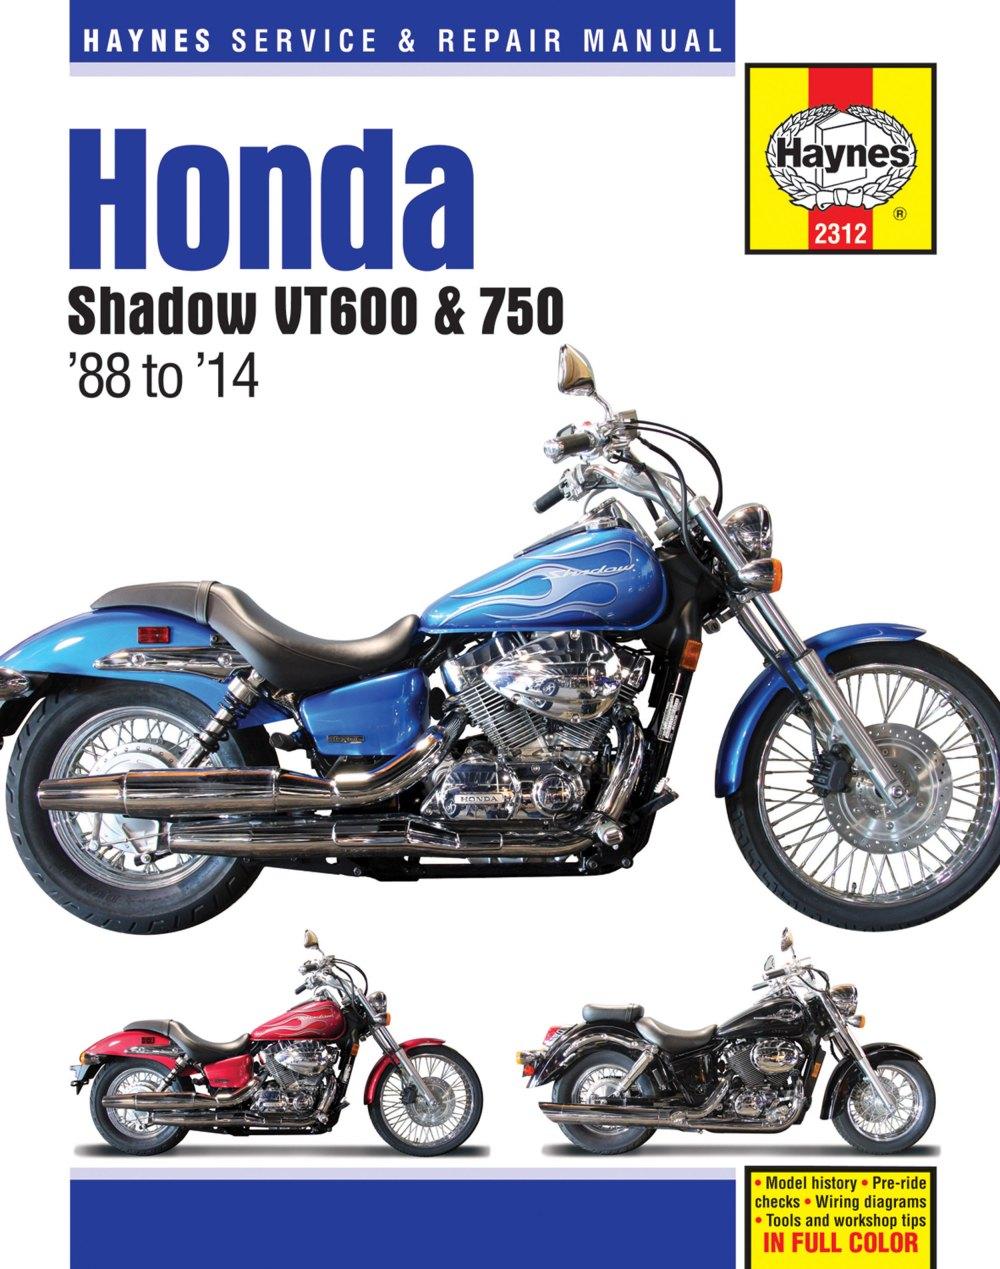 medium resolution of honda vt750dc shop manual wiring diagram data wiring diagram 2003 honda vt750dc shadow 750 spirit haynes